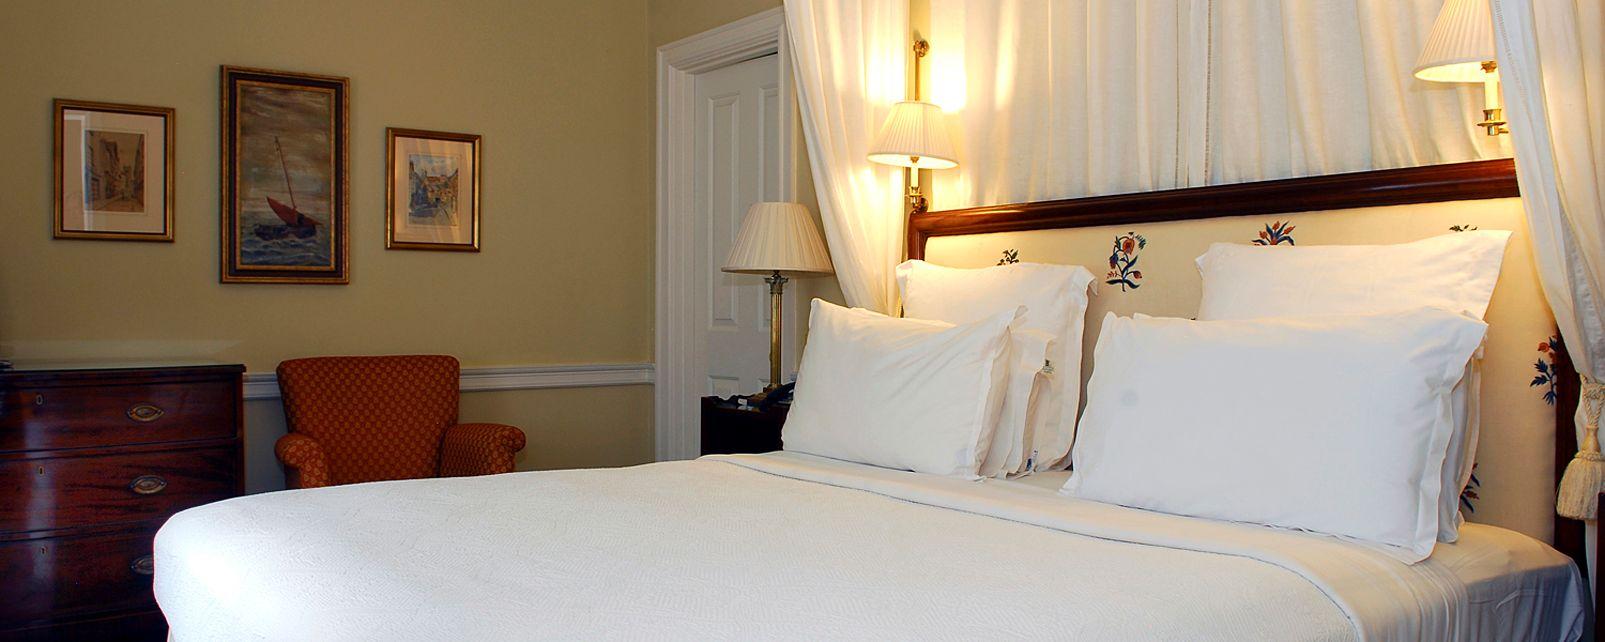 Hotel Cranley